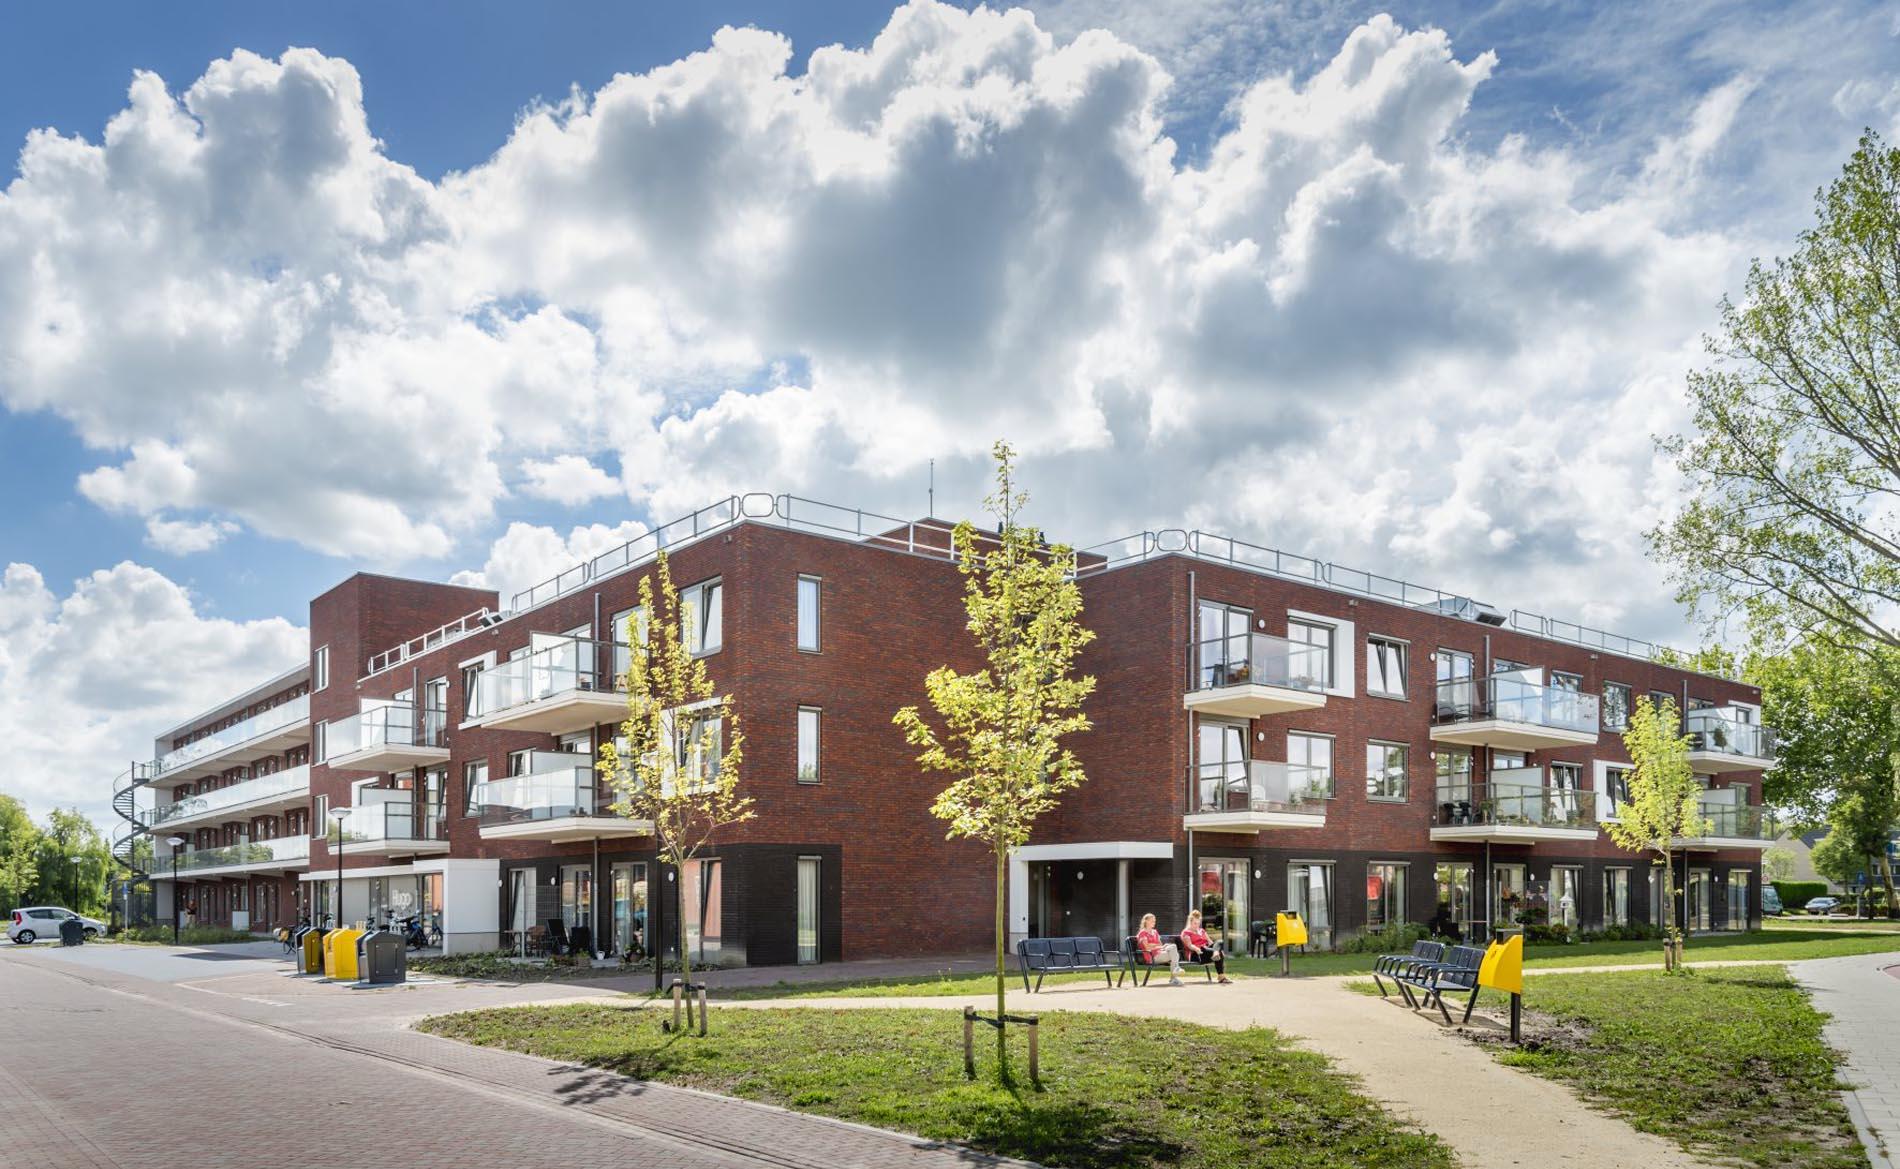 architect woonzorggebouw woonzorgcentrum bejaardenhuis verpleeghuis aanleunwoningen appartementen sociale huur architectuur Hugo Waard Heerhugowaard